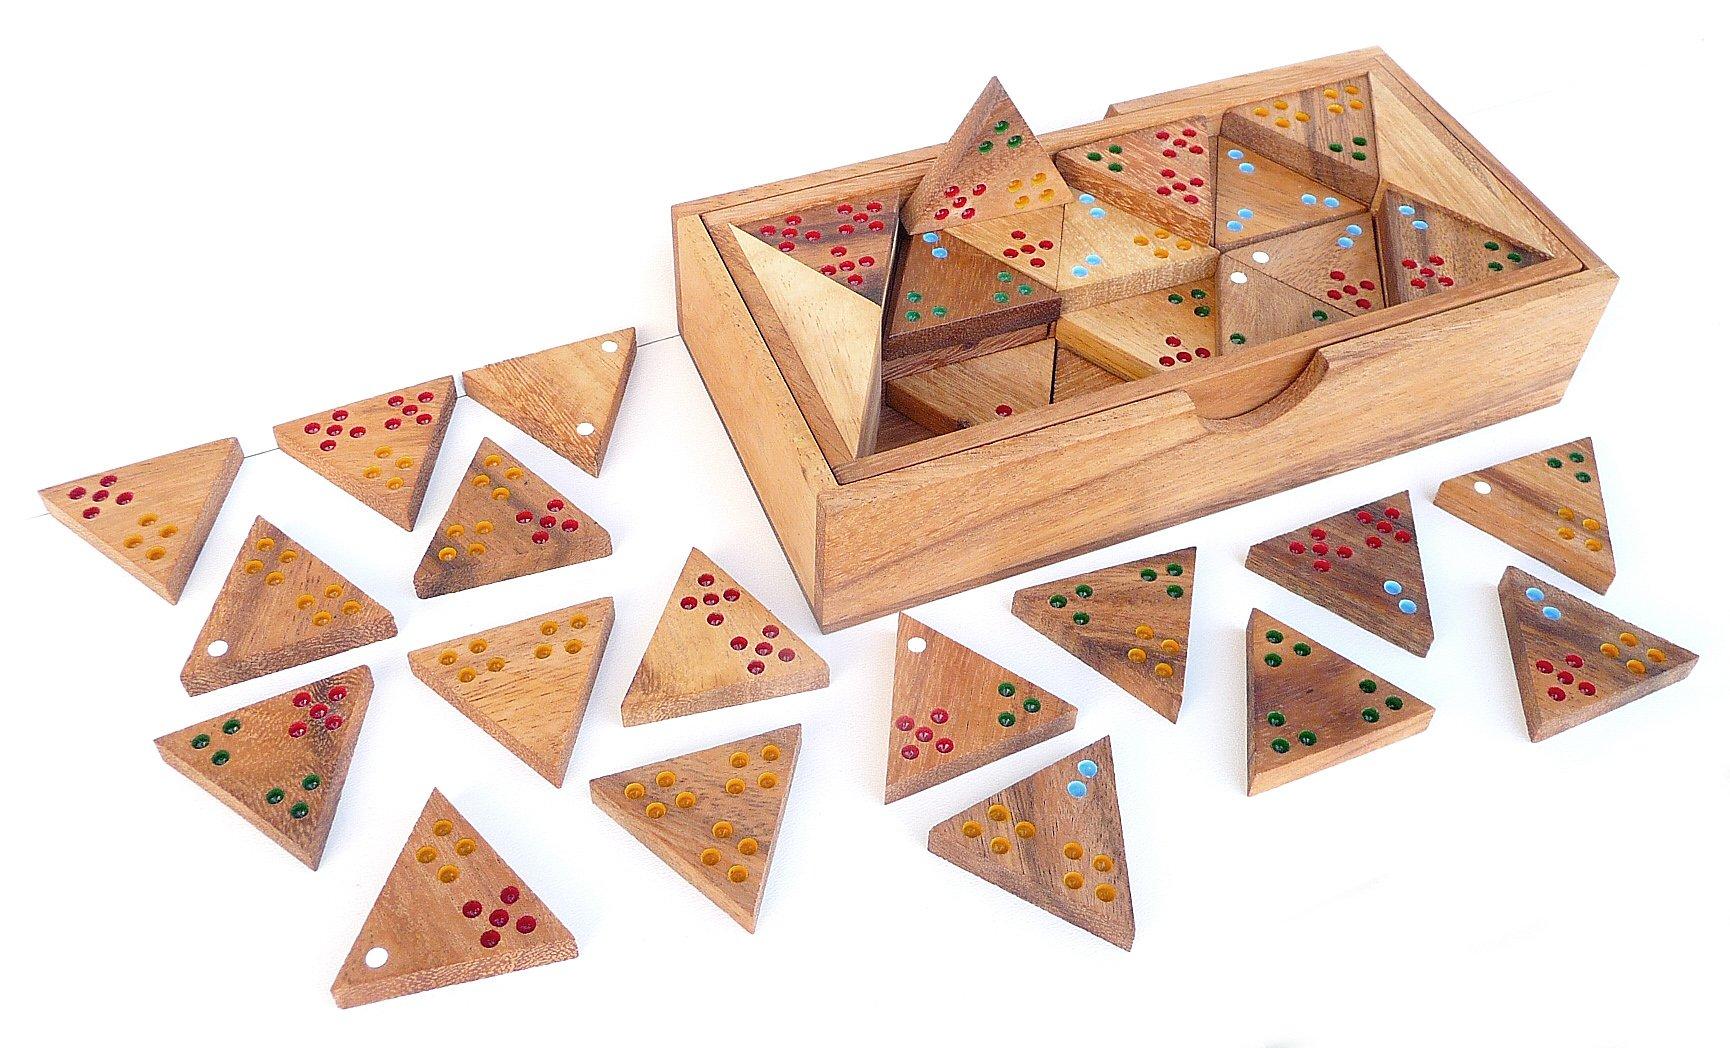 LOGICA GIOCHI Art. Tridomino - Juego de Mesa para 2-6 Jugadores - Madera Preciosa: Amazon.es: Juguetes y juegos